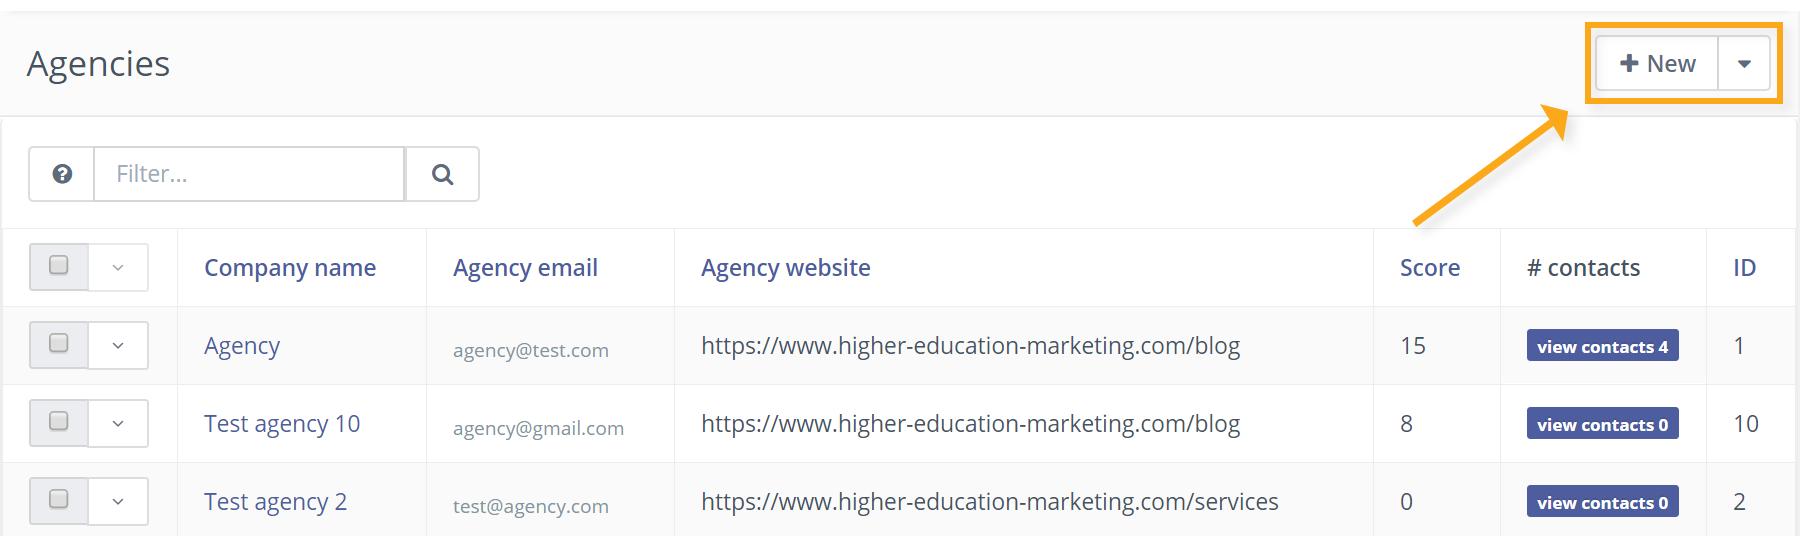 New agency